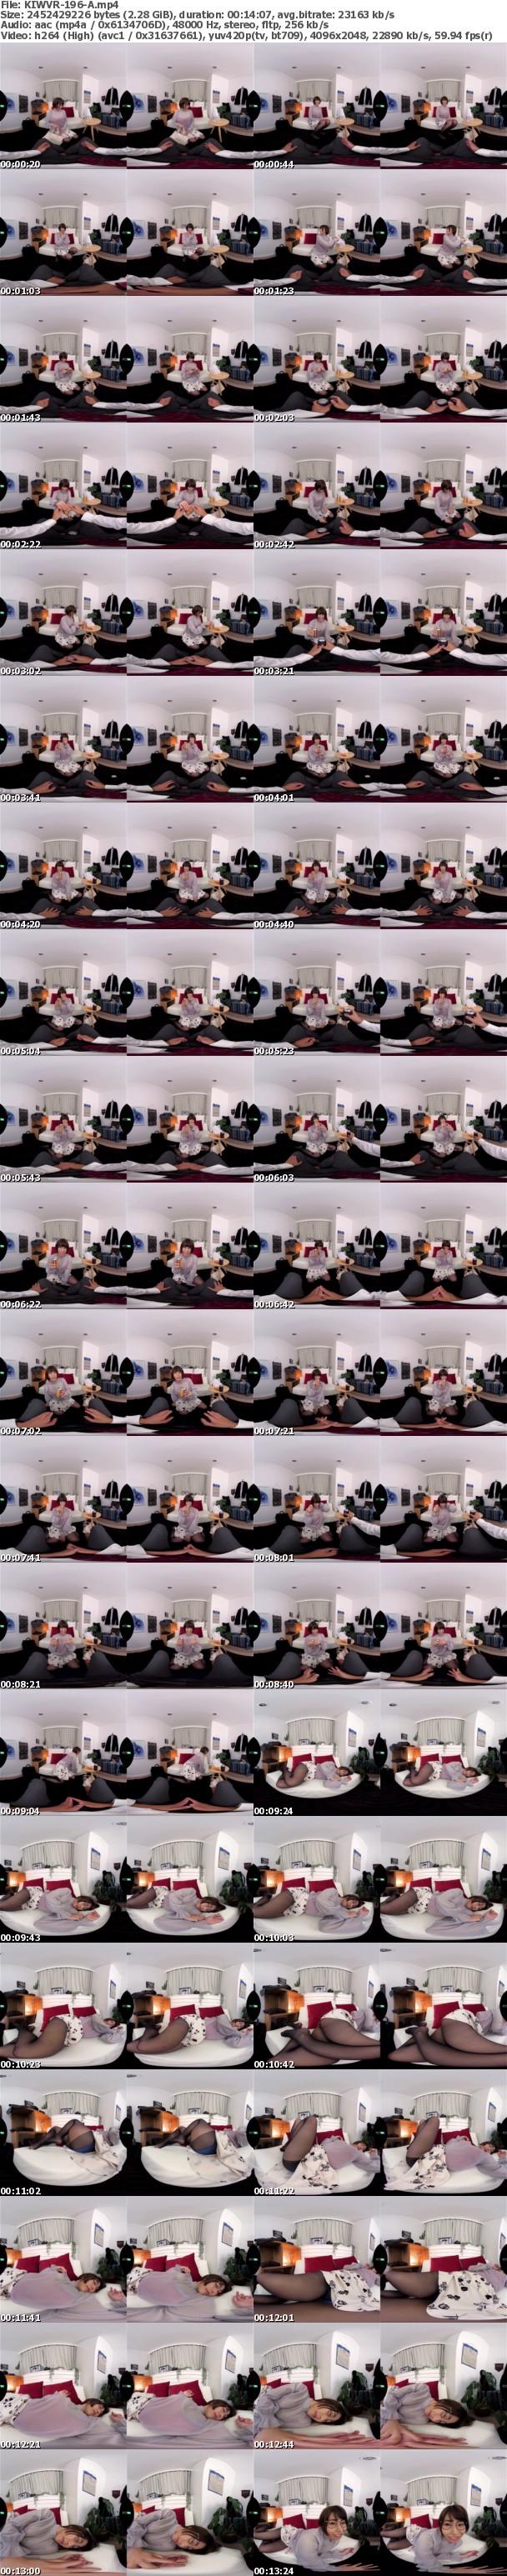 (VR) KIWVR-196 【神展開!】終電を逃した地味で大人しい後輩を家に泊めたら…実はH大好き【Gカップ巨乳ボイン】淫乱ビッチ誘惑全開で夜が明けるまで中出しSEXしちゃった【ラッキースケベ!】 乙アリス